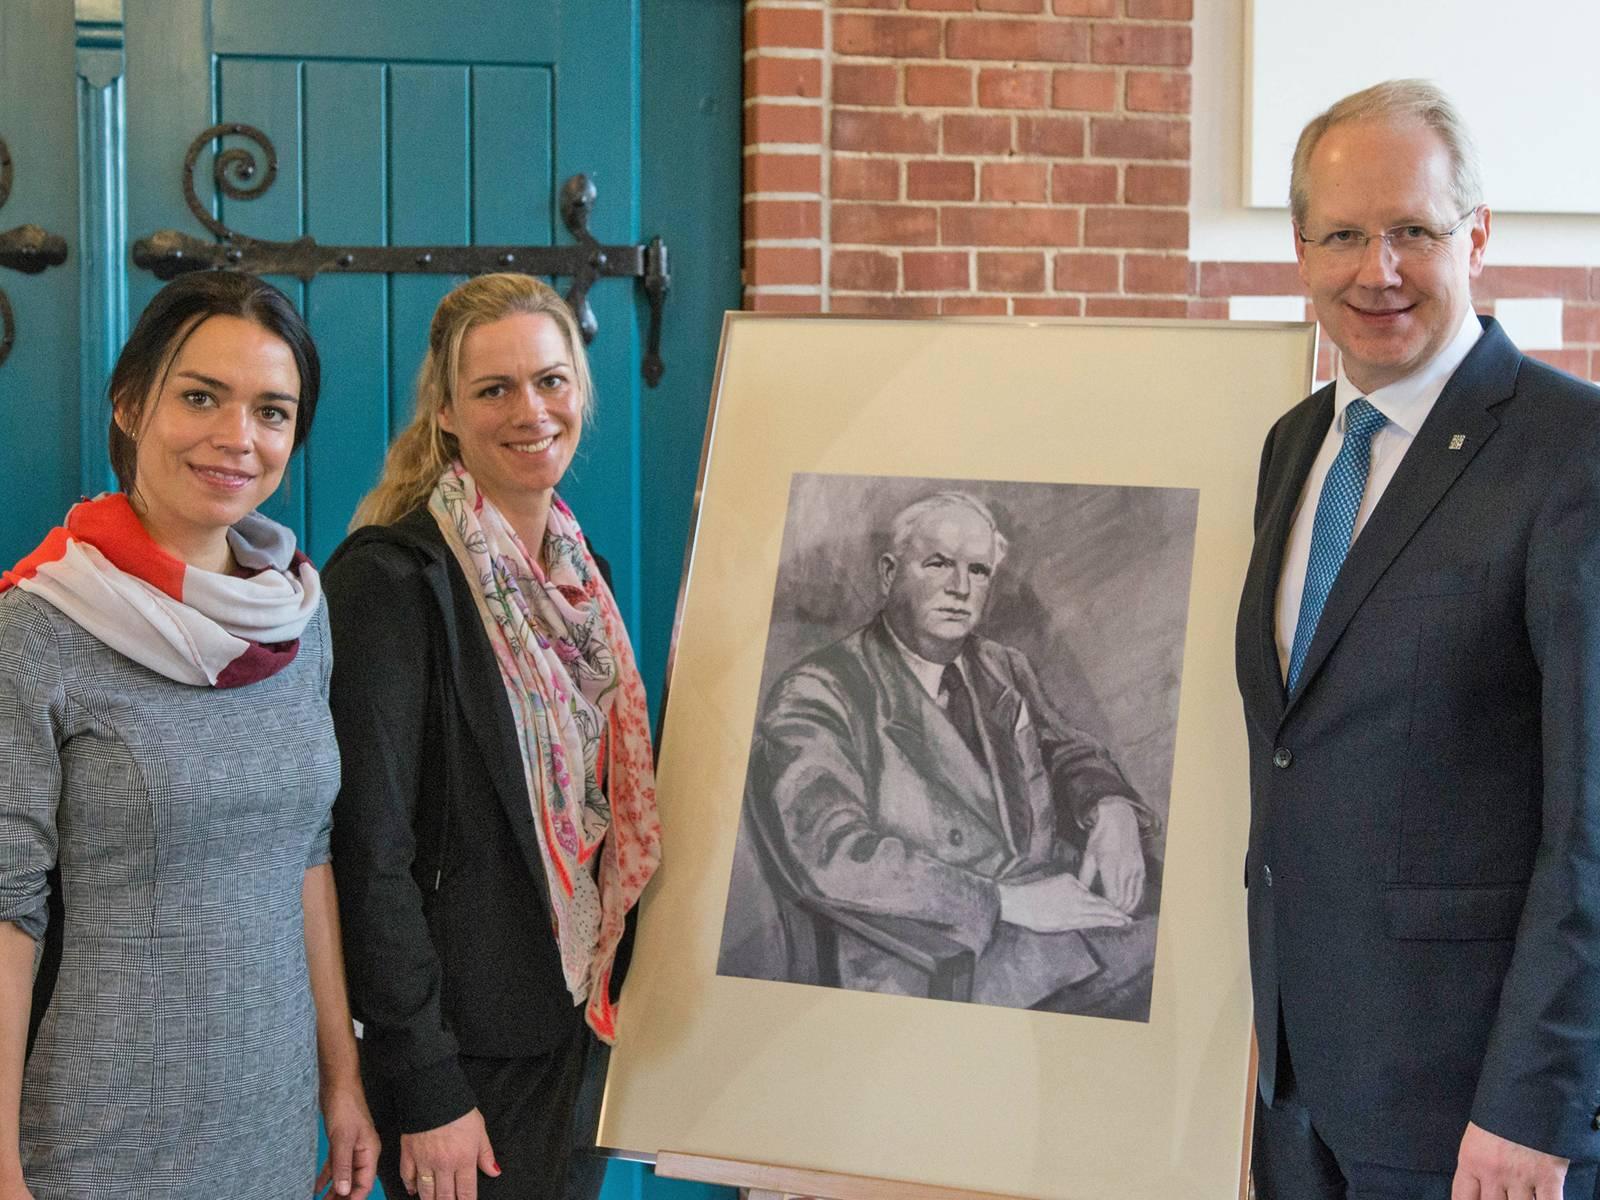 Drei Personen neben einer Staffelei, auf der ein Portrait eines Mannes steht